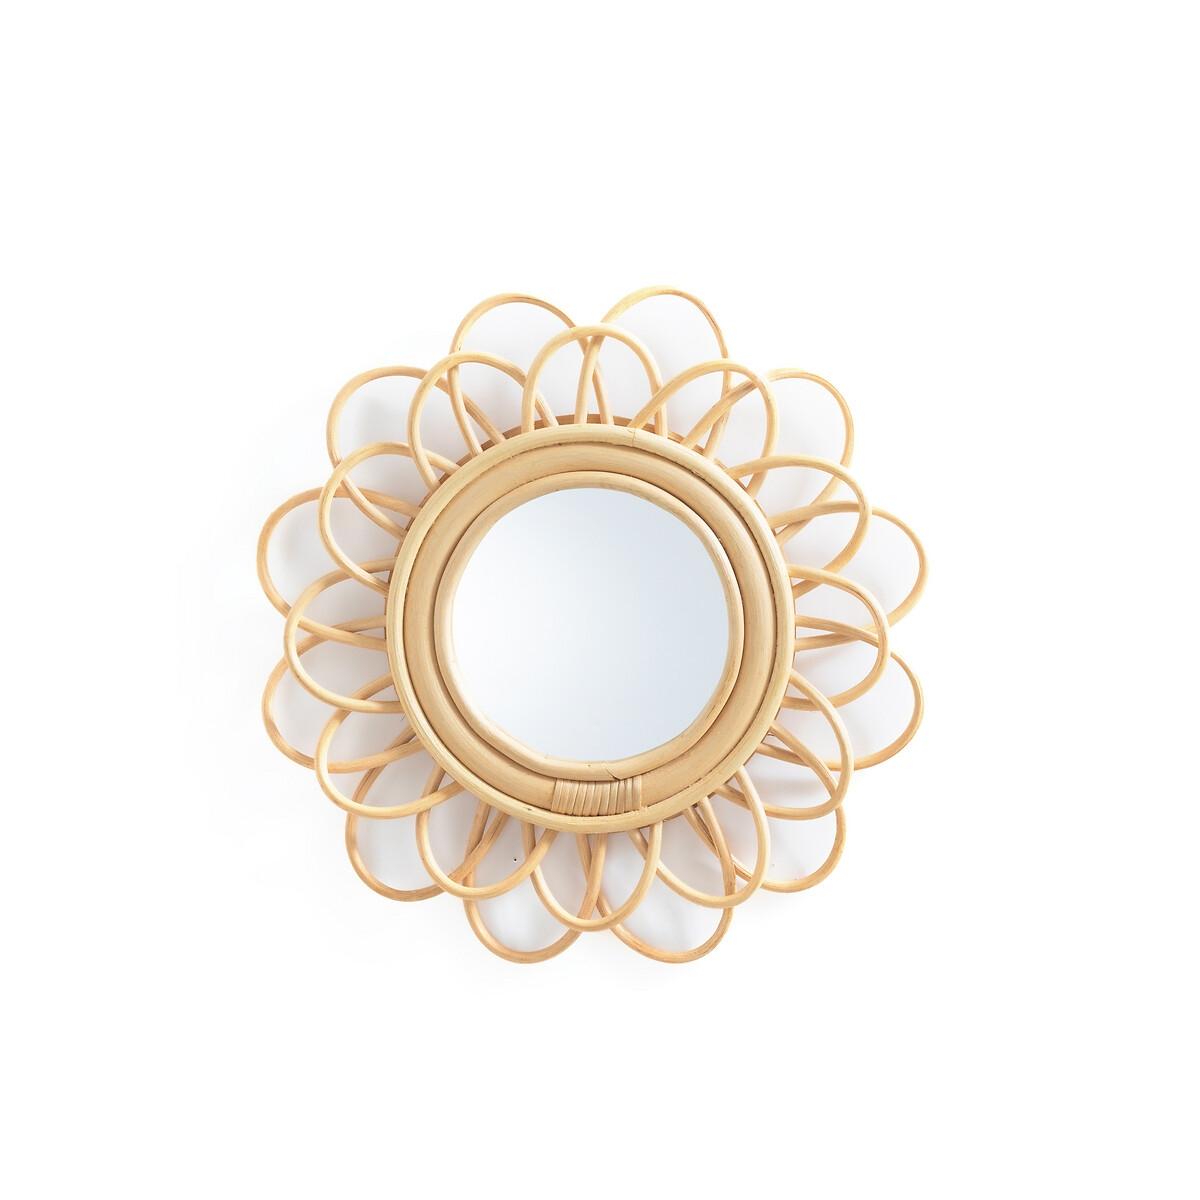 Зеркало LaRedoute Из ротанга в форме двойного цветка 35 см Nogu единый размер бежевый